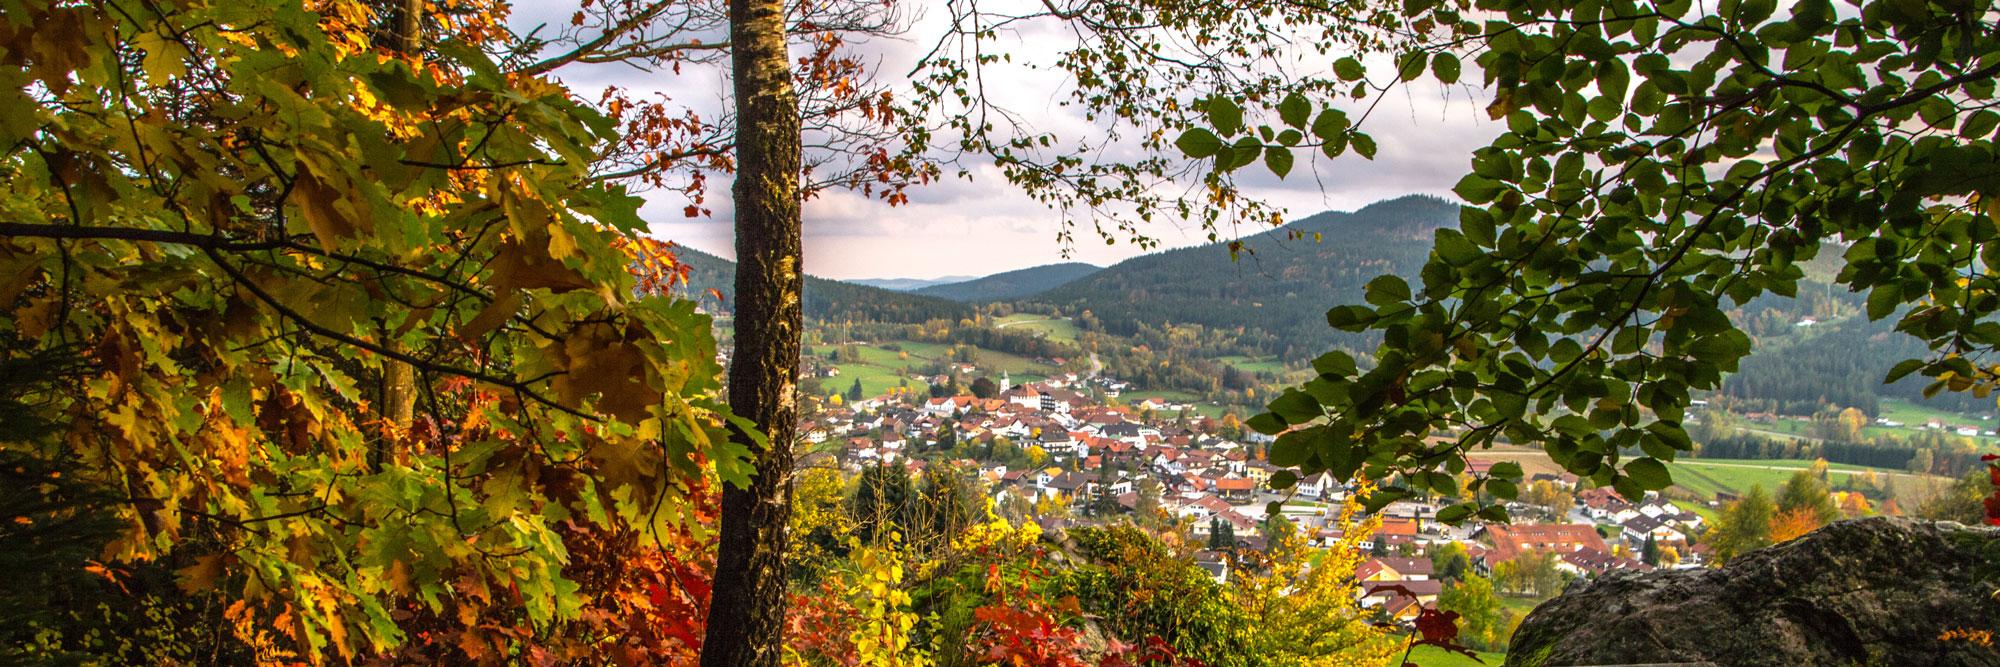 Herbst im Bayerischen Wald - Blick auf Bodenmais